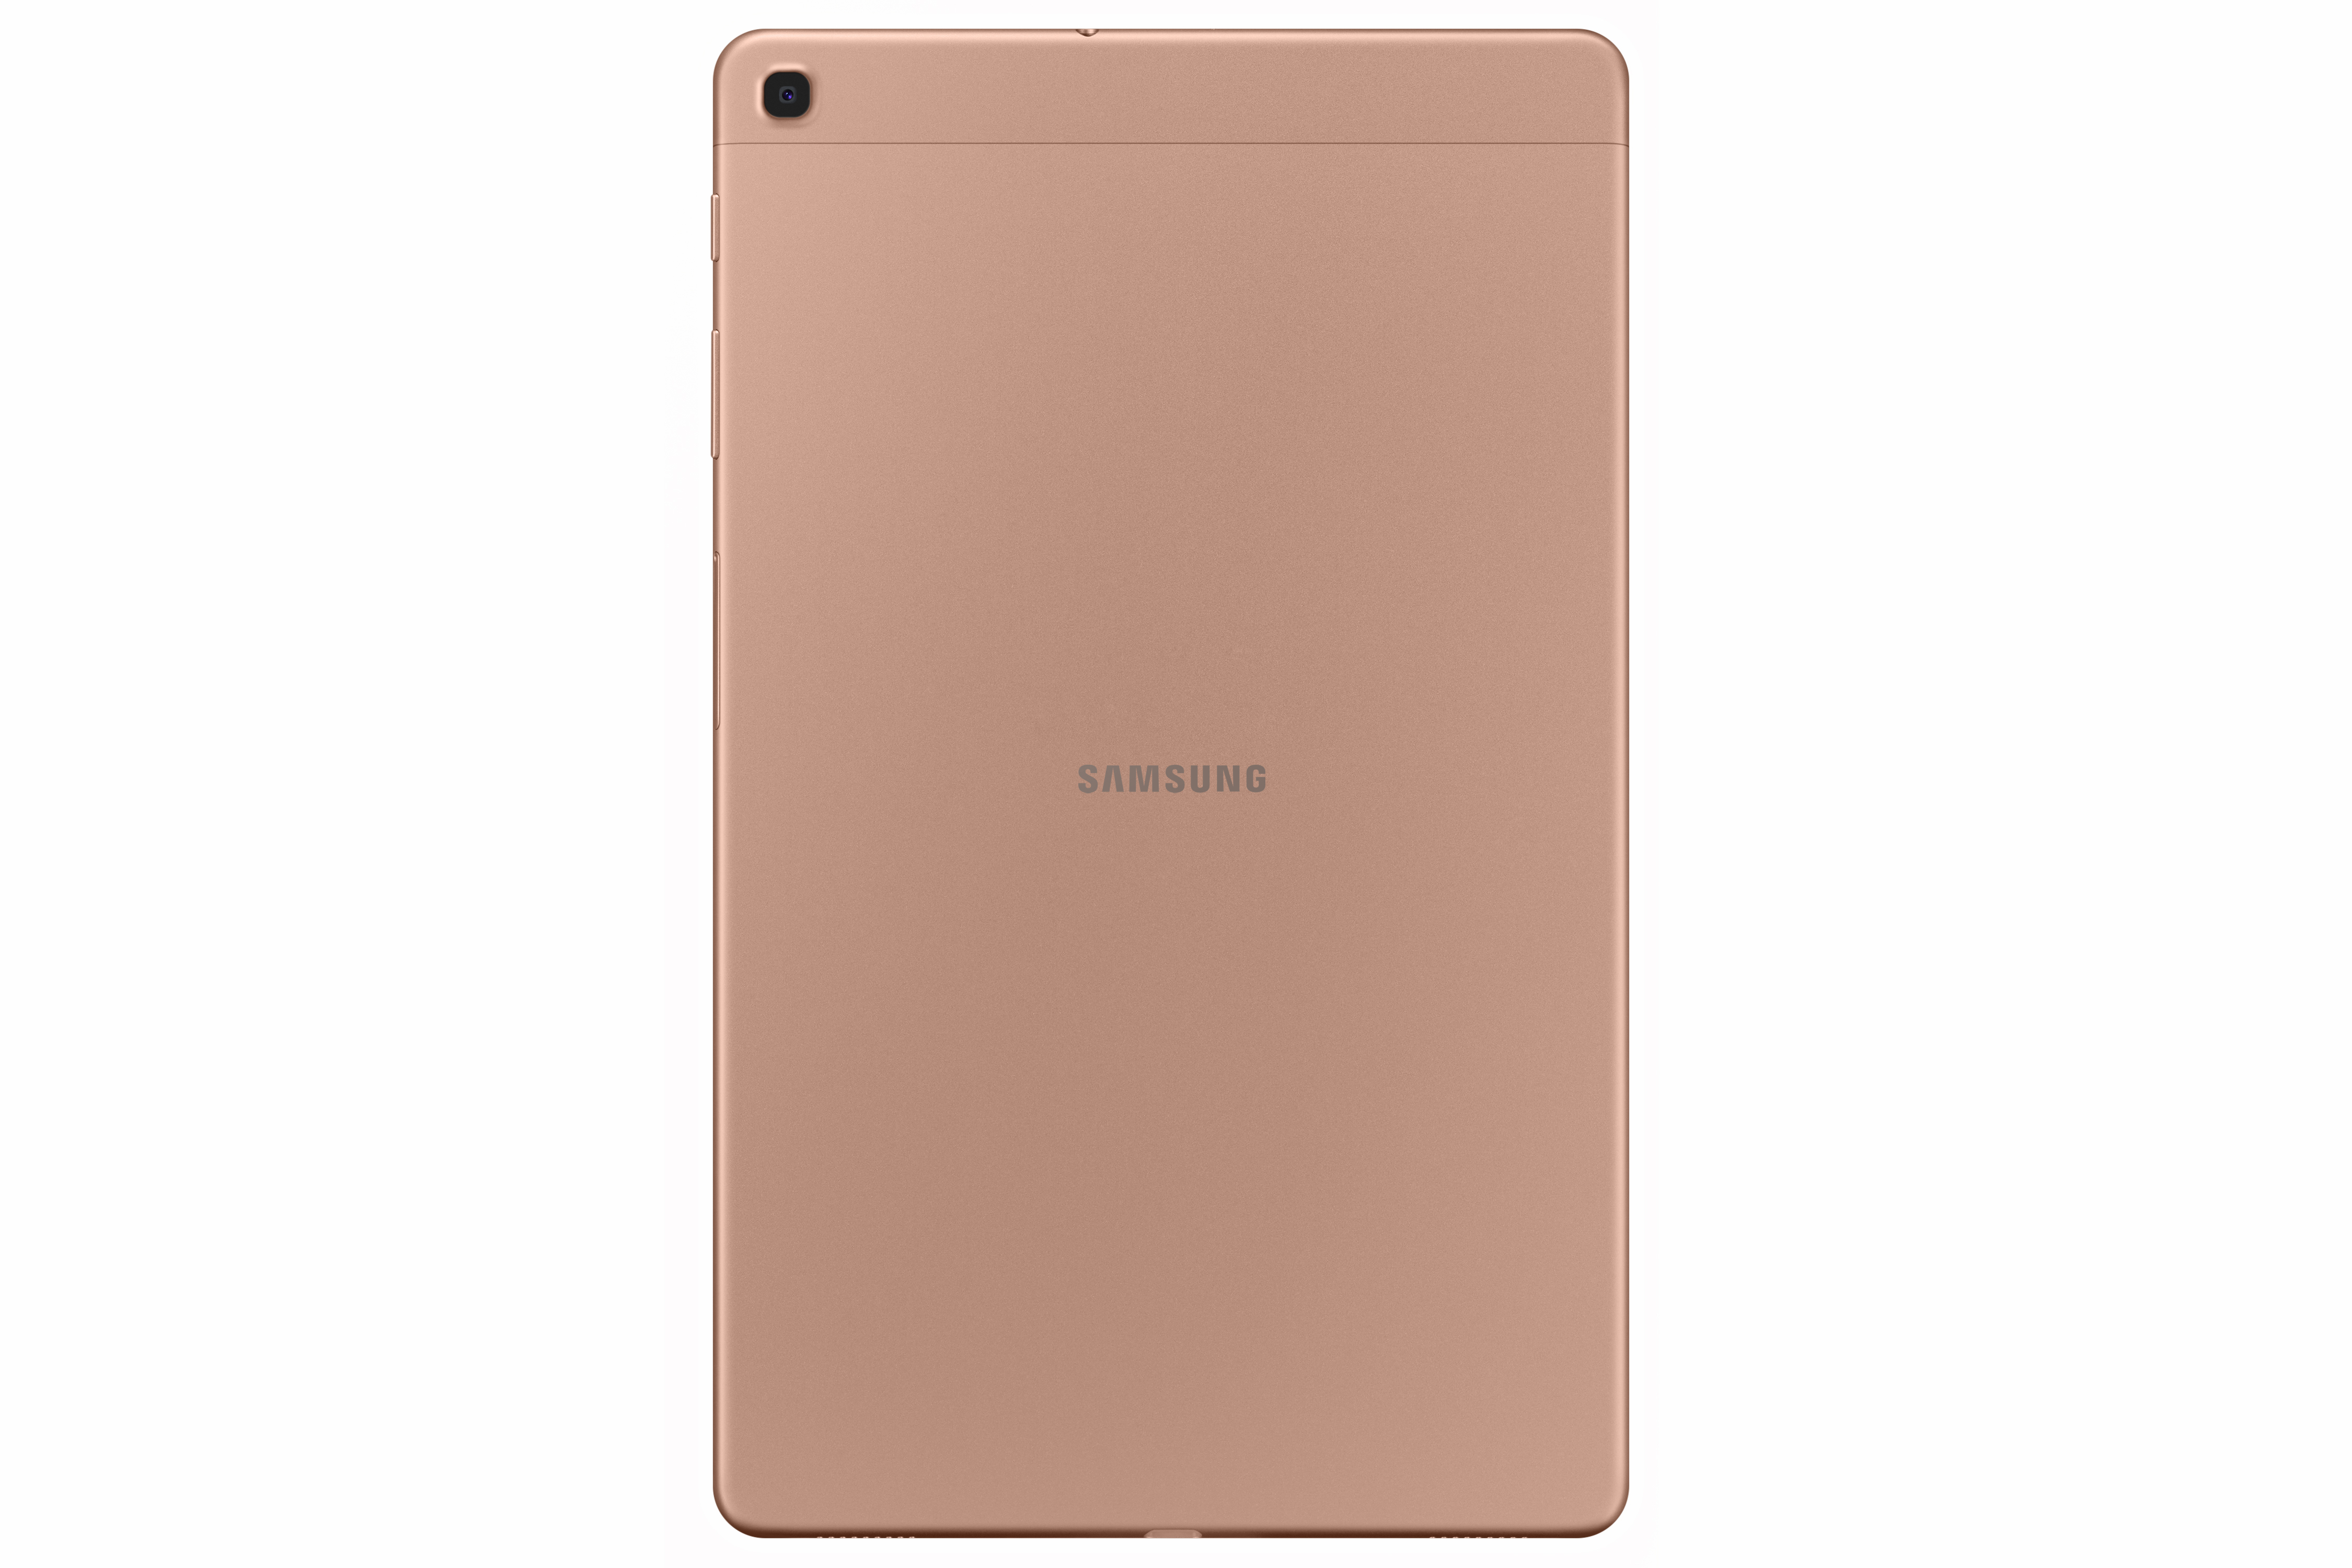 Samsung Galaxy Tab A 10.1 LTE (2019) 32GB gold Planšetdators